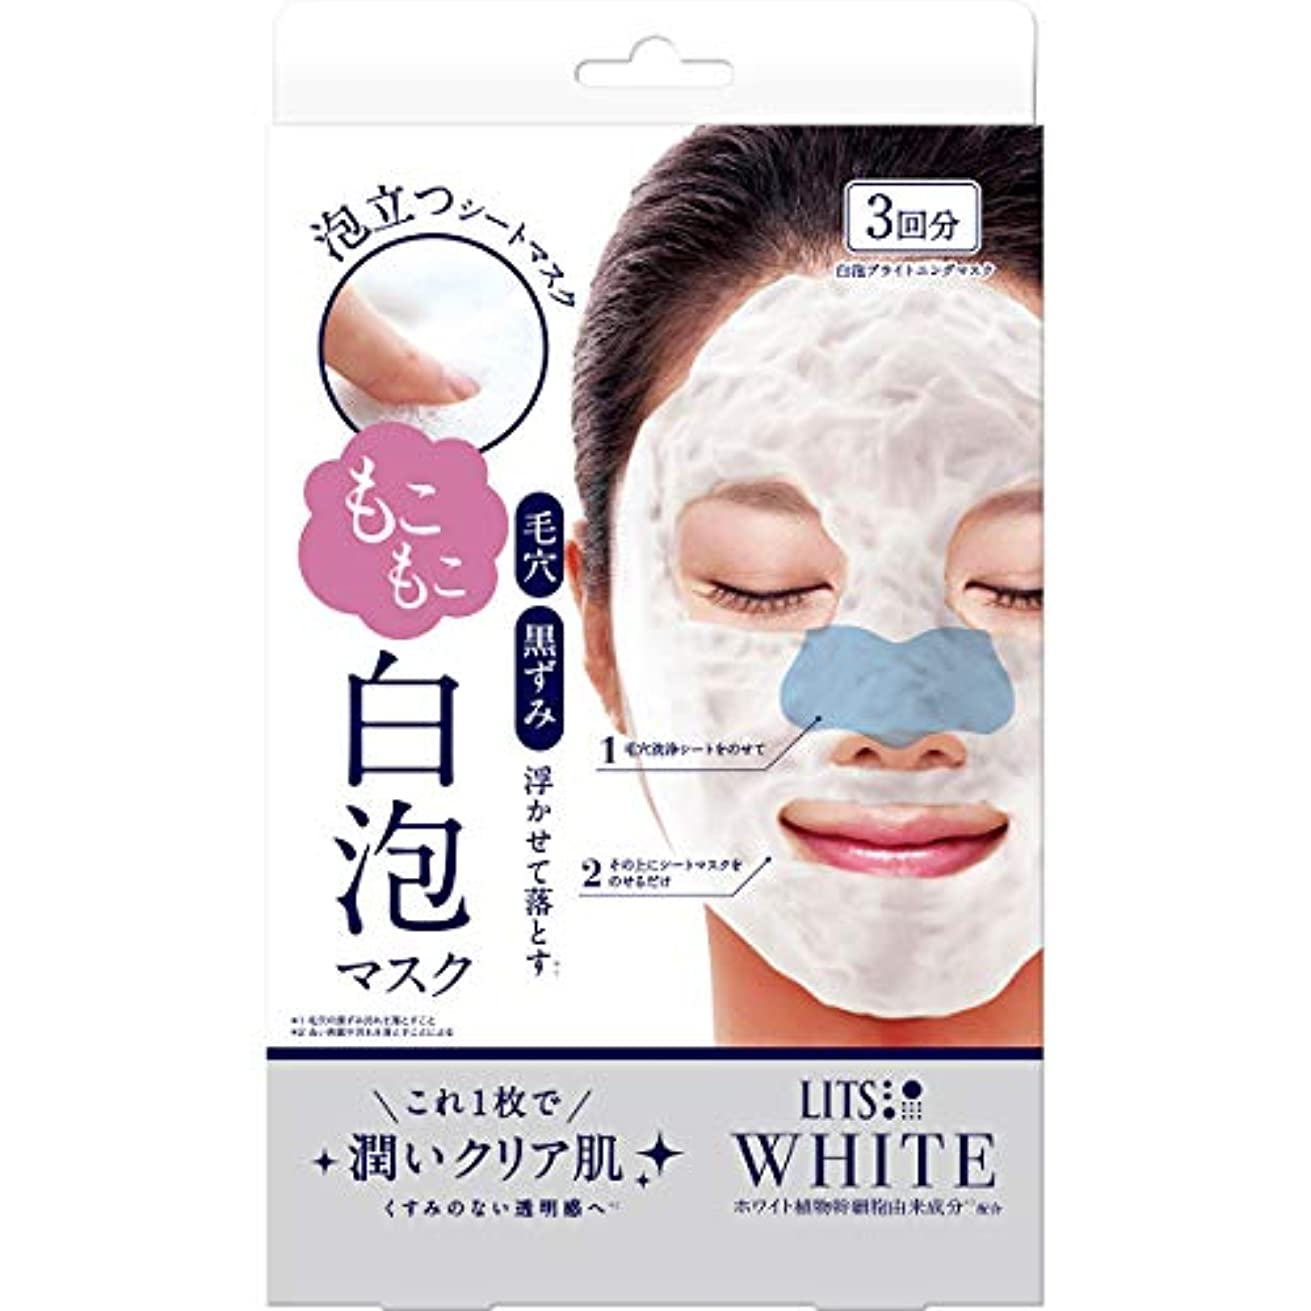 ホームレス不当支店リッツ ホワイト もこもこ白泡マスク 3枚